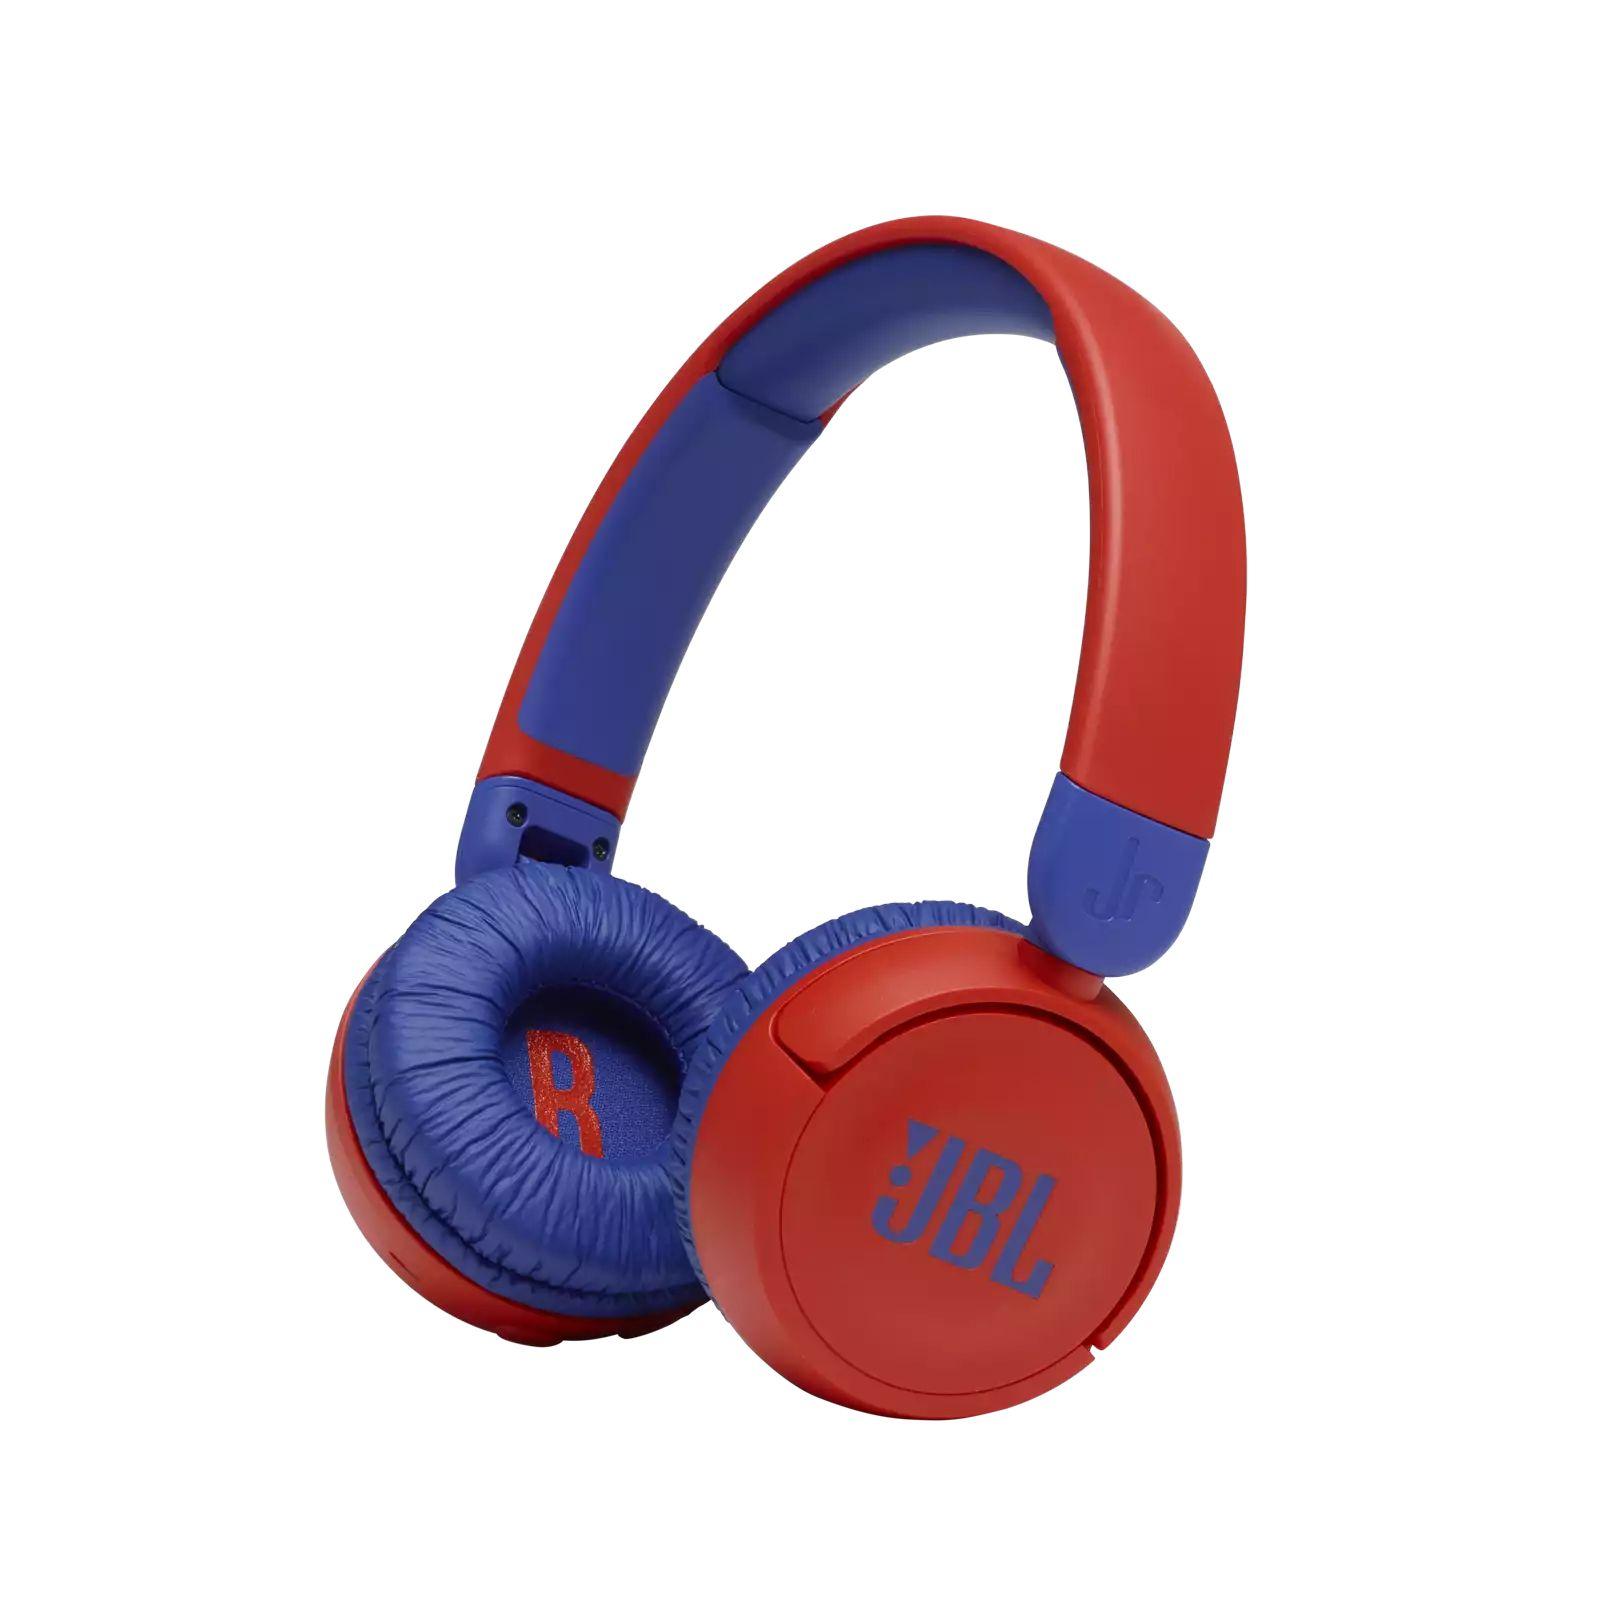 Fone de Ouvido Infantil Bluetooth JBL JR310BT - Vermelho e Azul JBLJR310BTRED